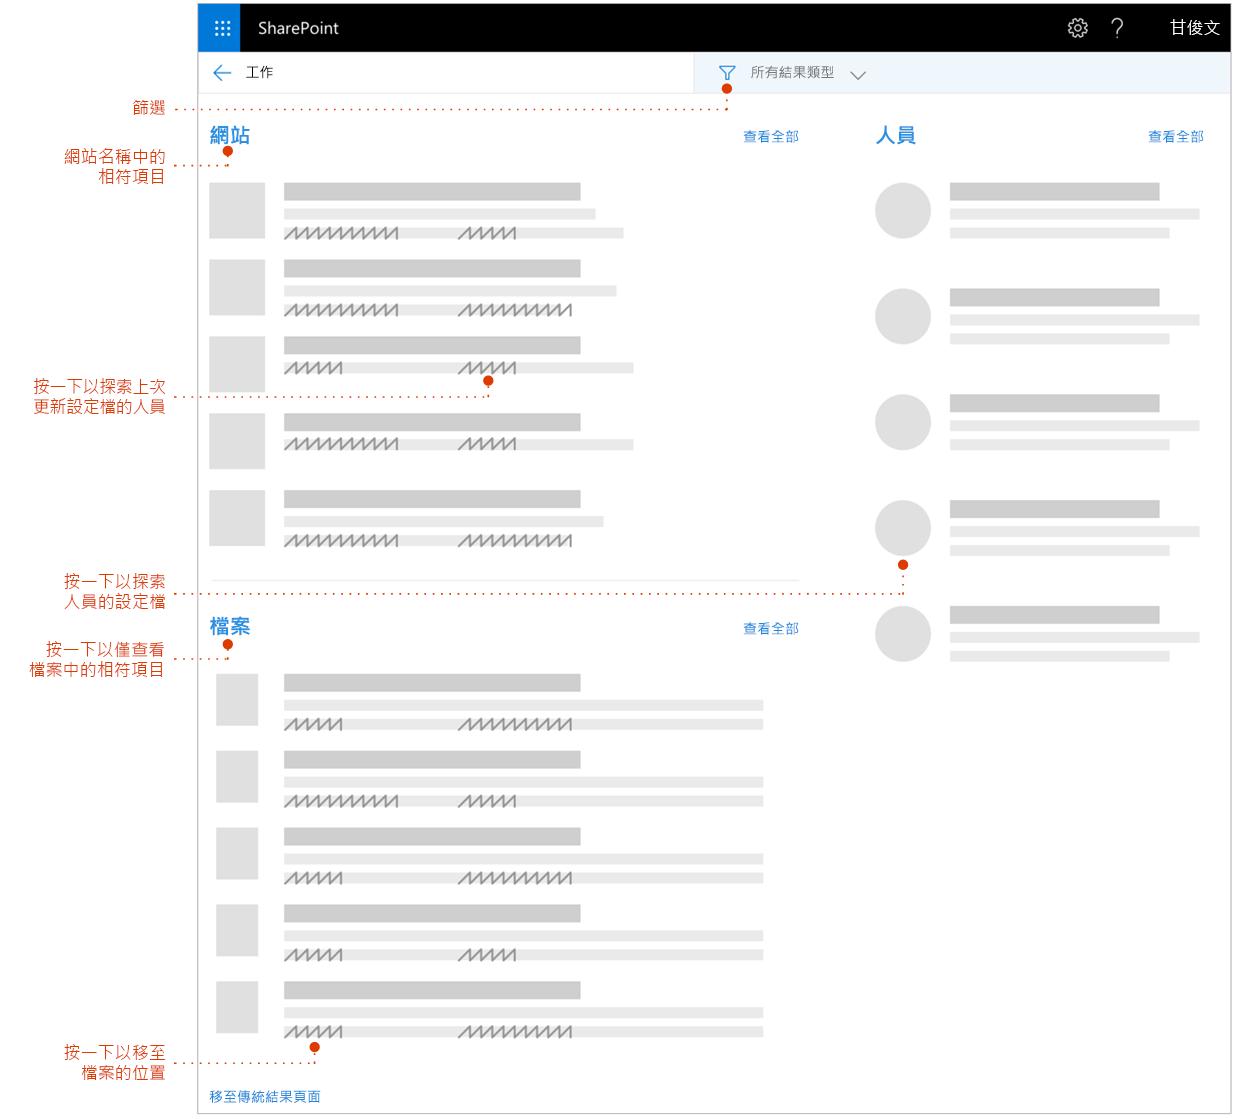 螢幕擷取畫面的搜尋結果頁面的指標要探索的項目。